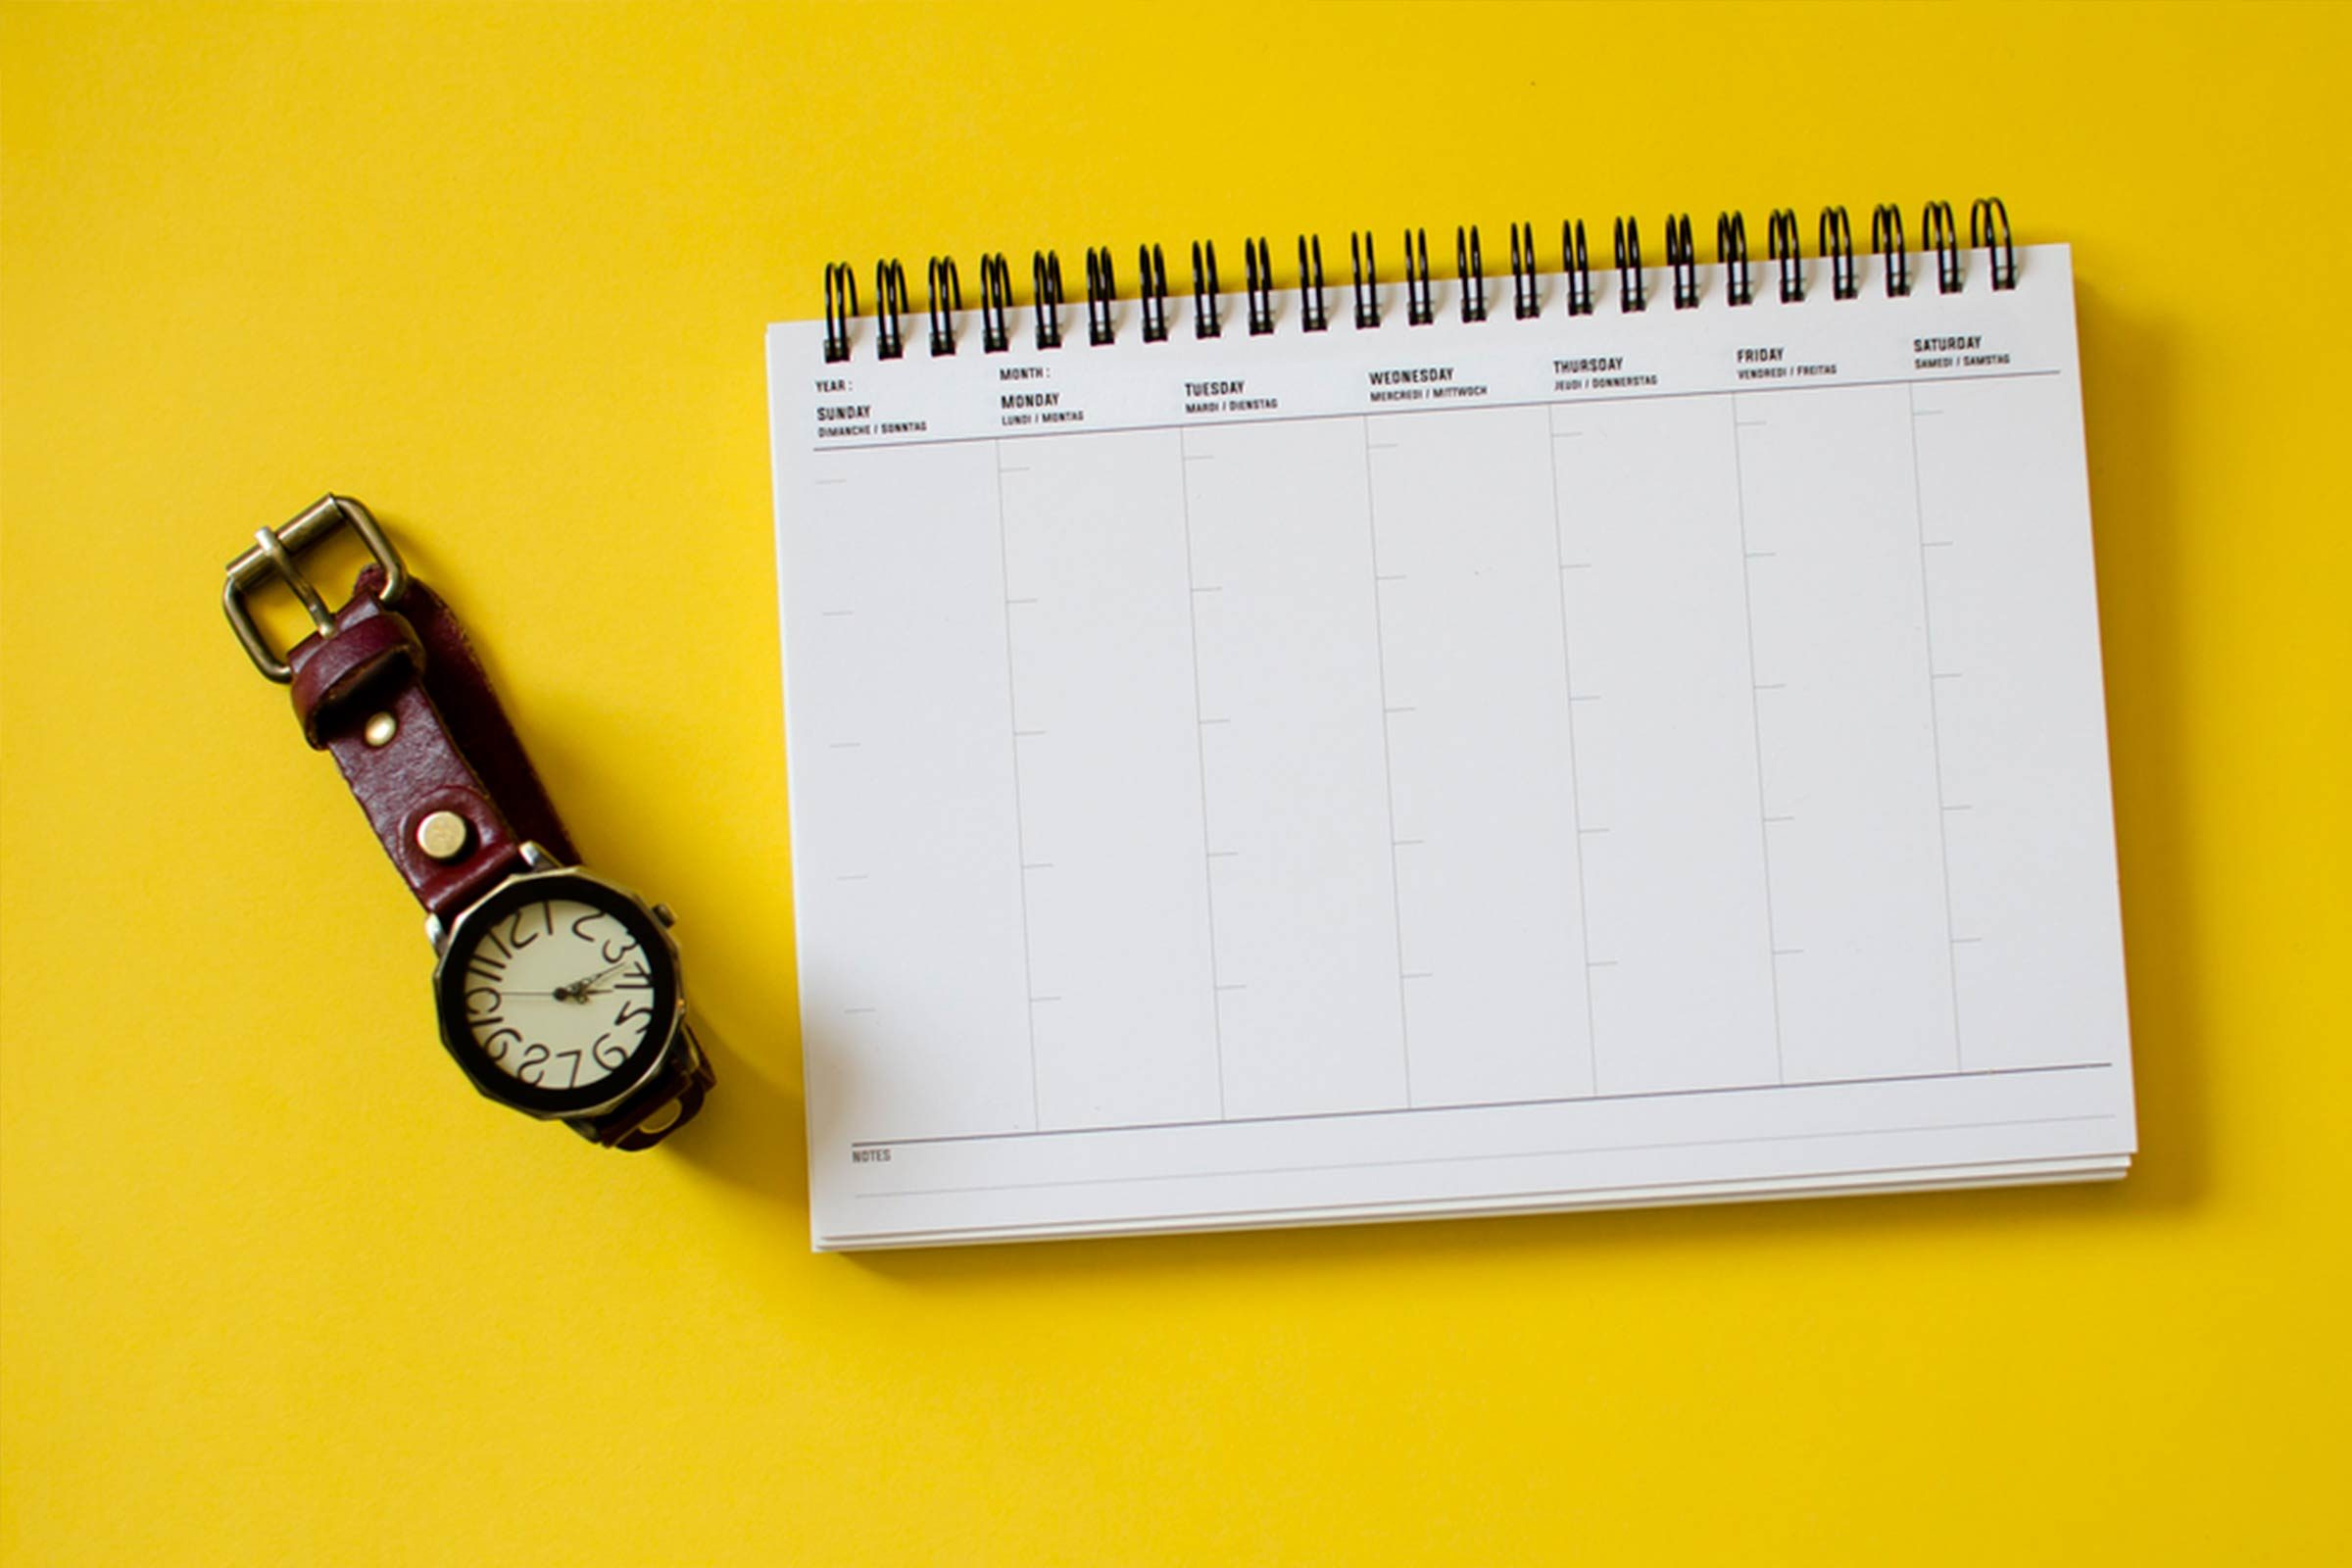 Règle du télétravail: Planifiez vos journées